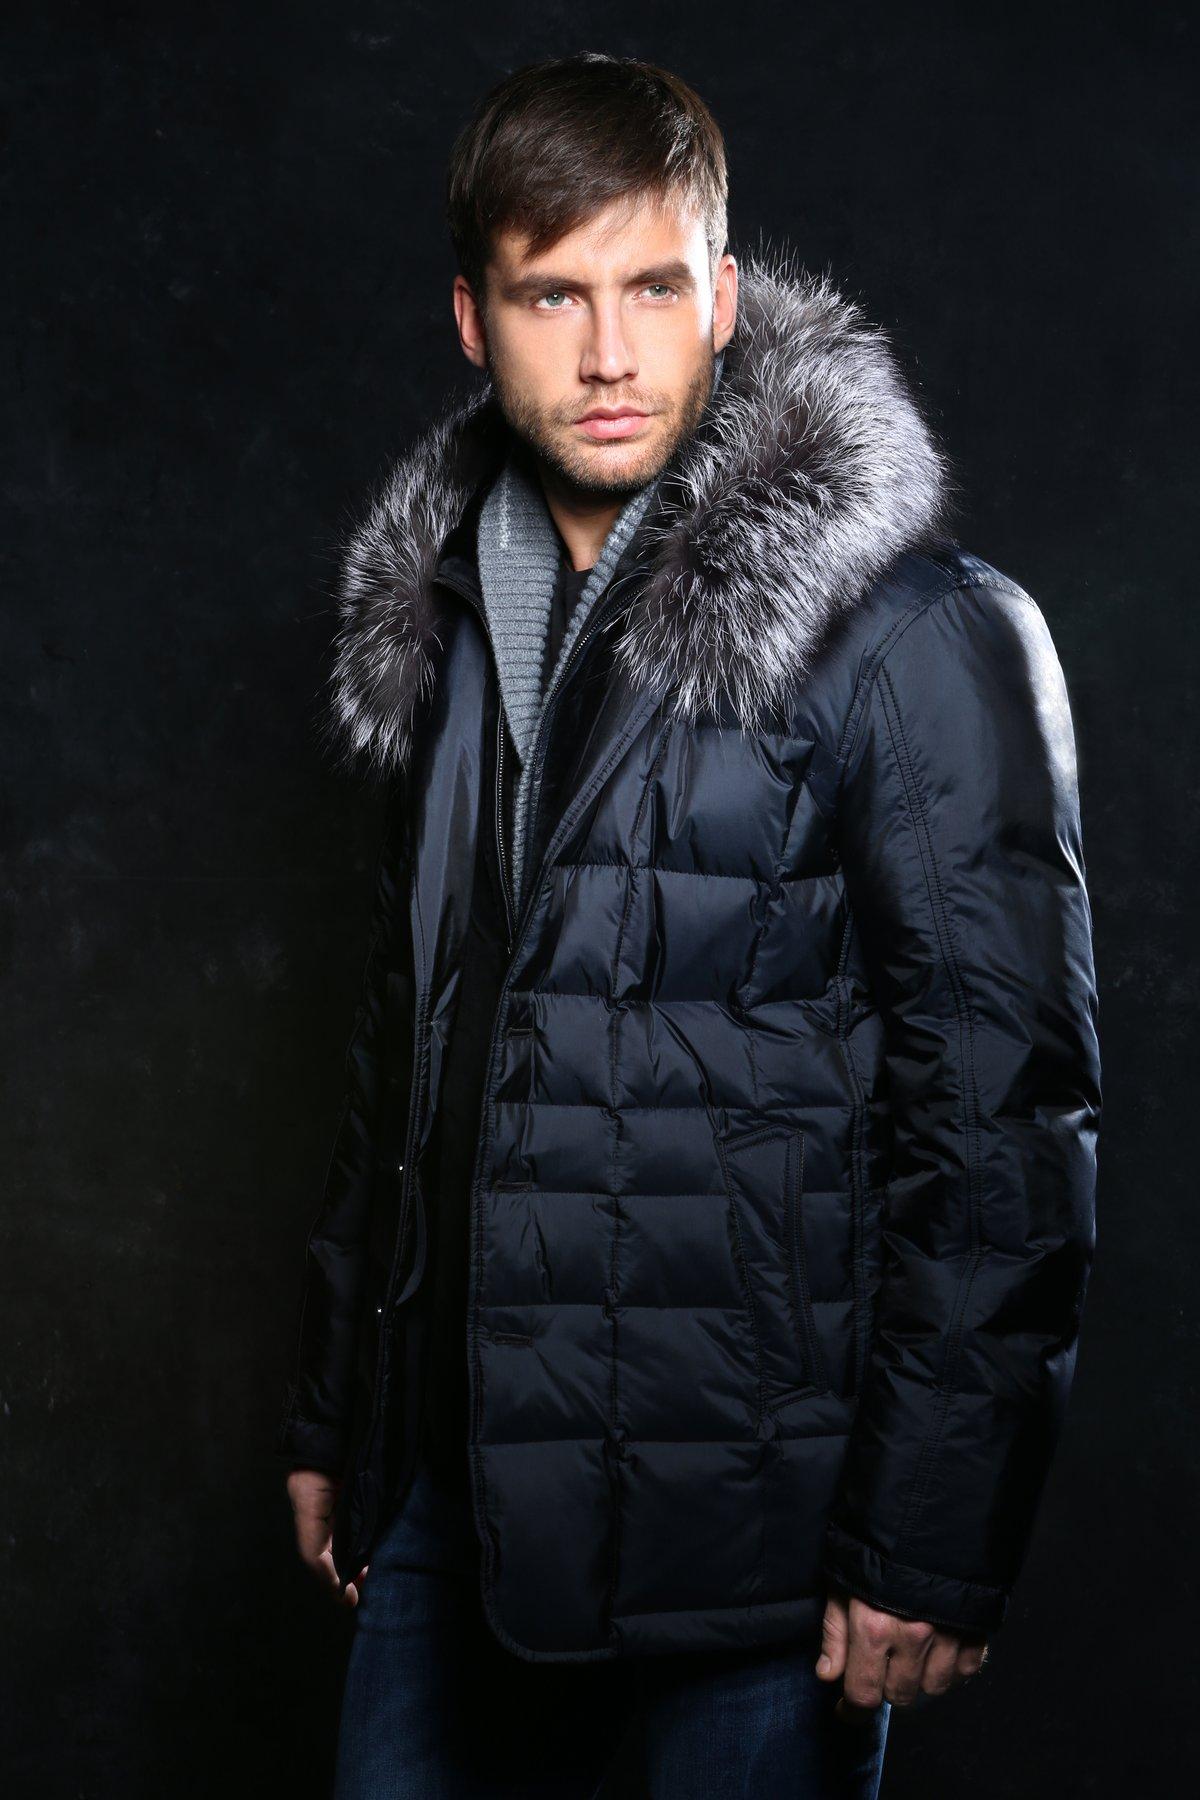 можно мужчина в зимней одежде картинки материал пригоден